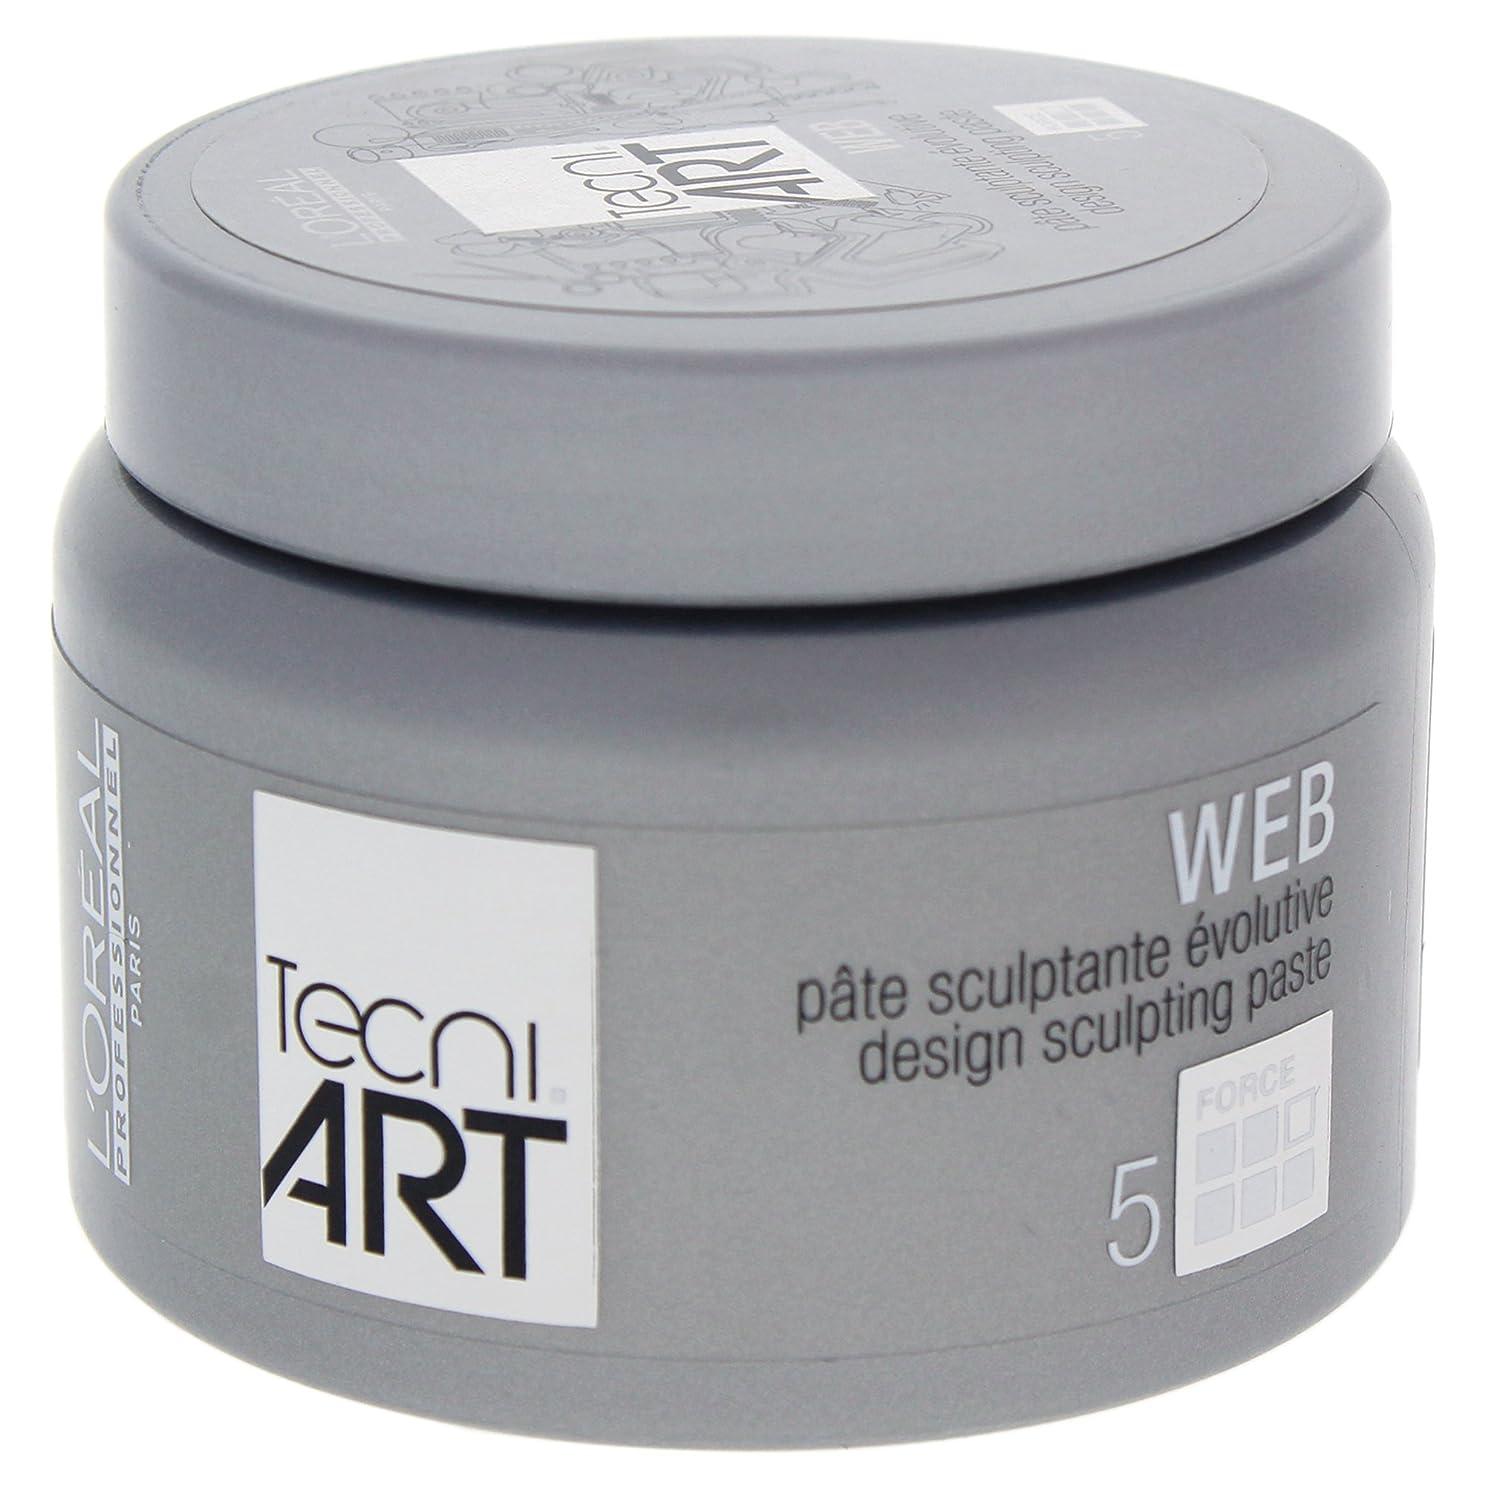 トリップ交換対応するロレアルテクニアートTecni Art Force 5 Web Design Sculpting Paste